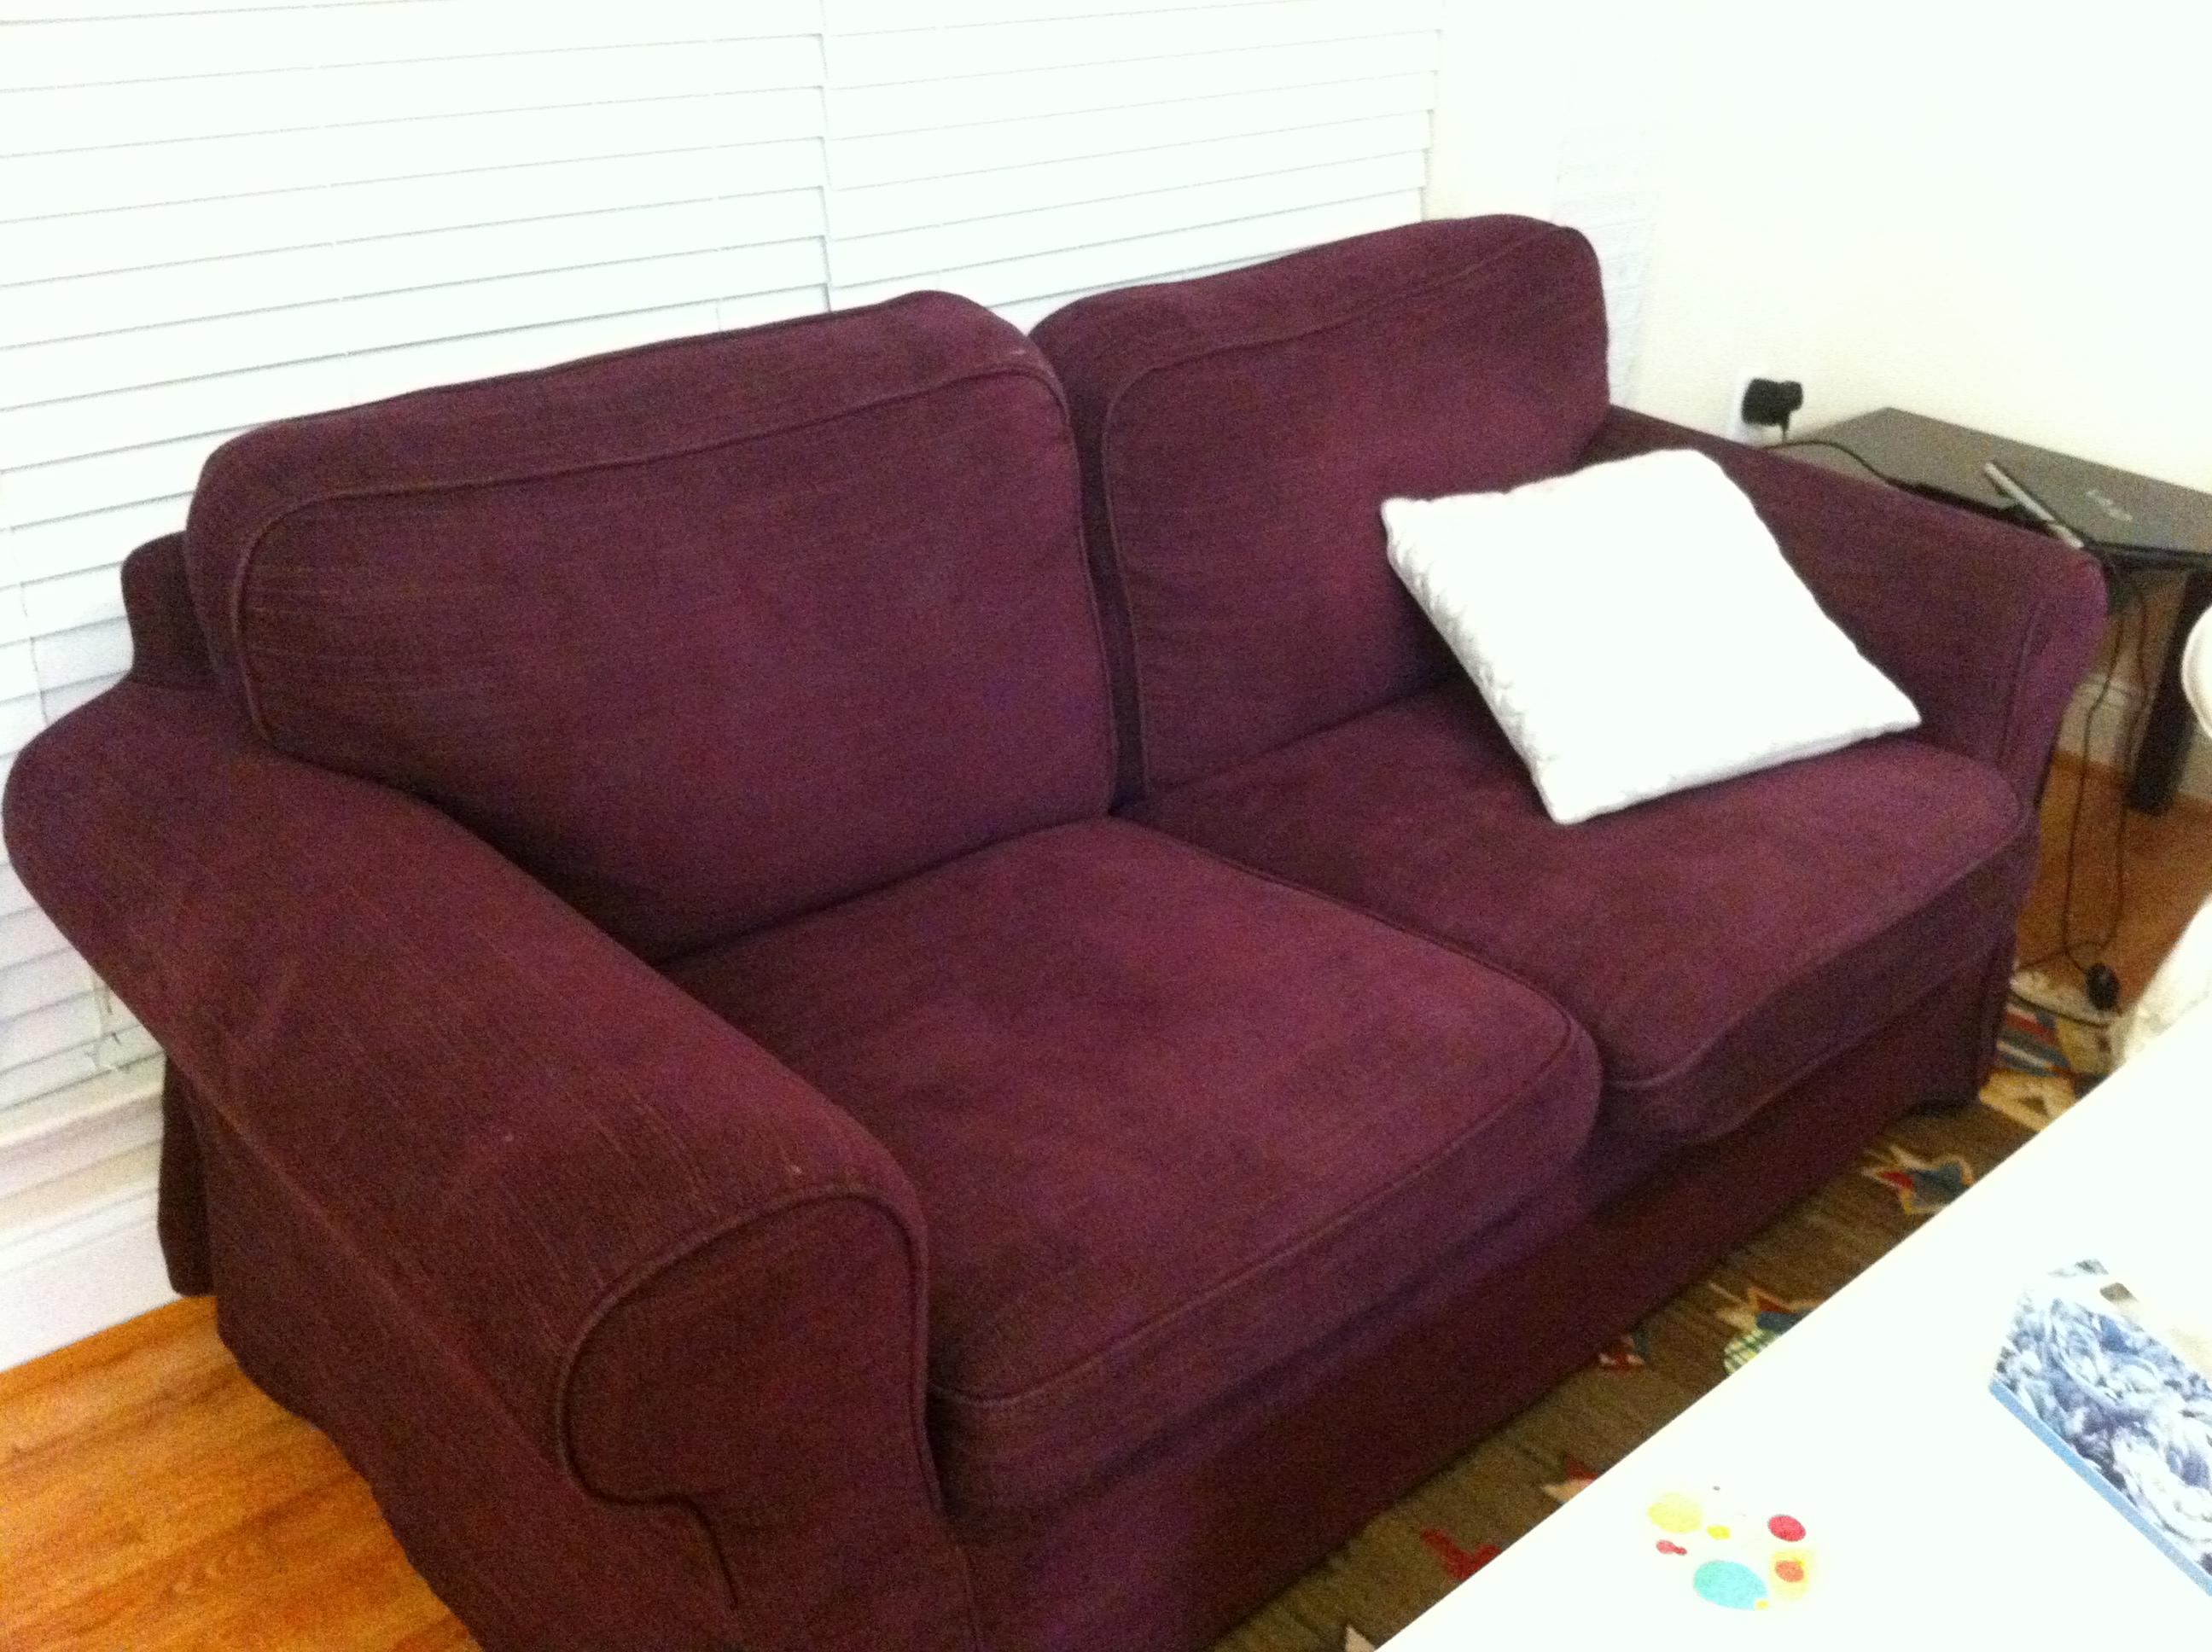 ���� ��� ������ ���� ����  ��������:Ektorp Love seat.JPG ���������:8 ��������:1.39 �������� �����:26842